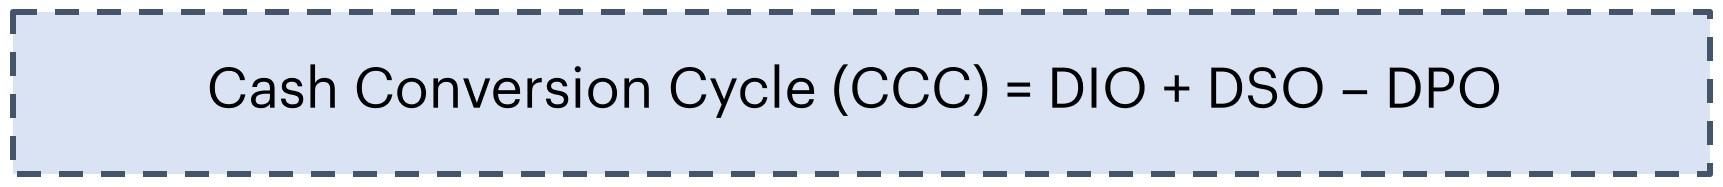 Cash Conversion Cycle (CCC) Formula